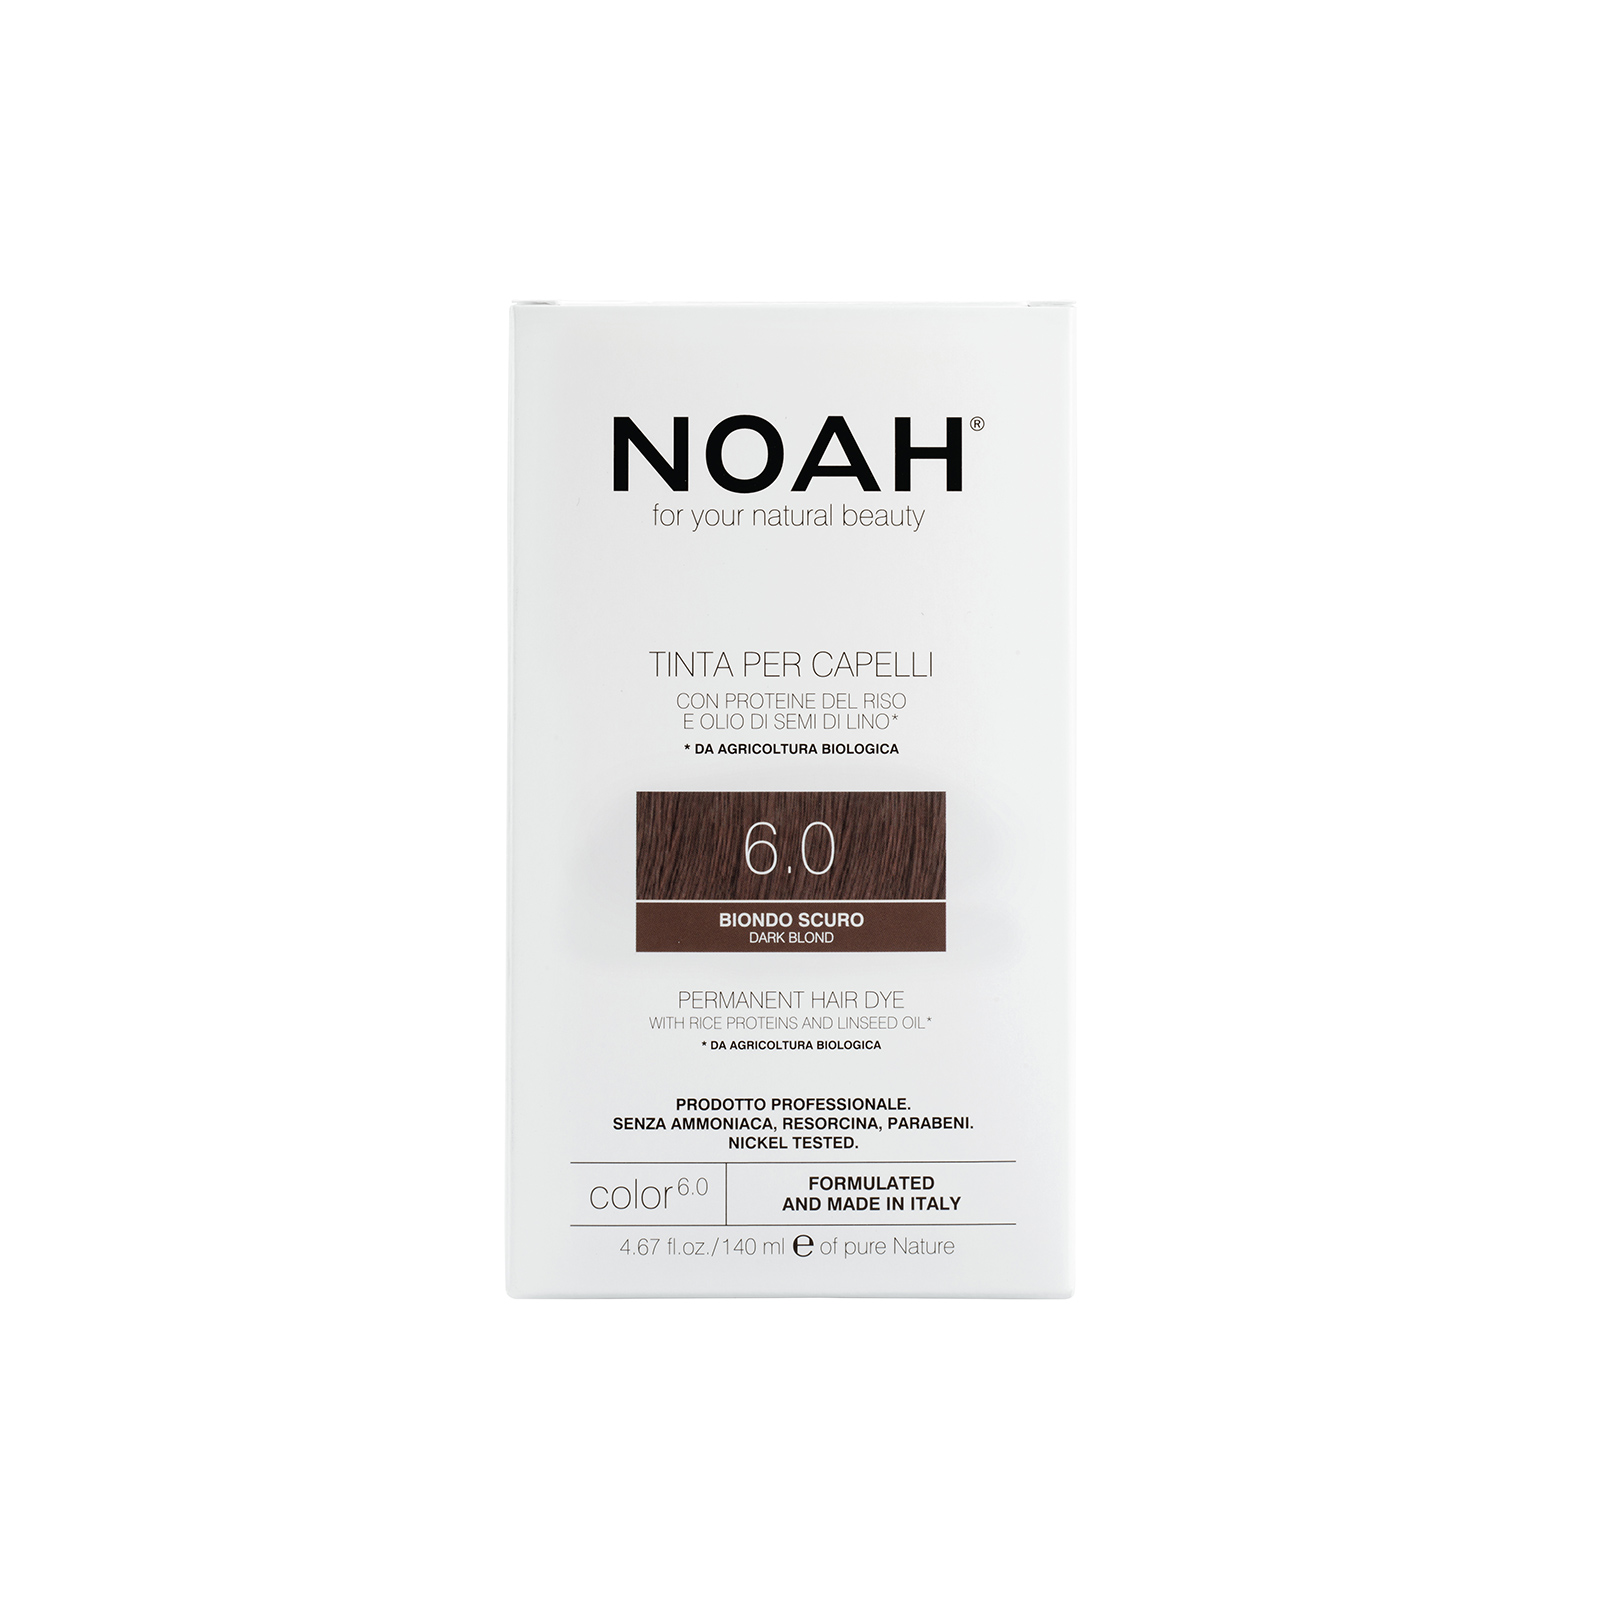 Plaukų dažai NOAH (6.0 tamsi blondinė), 140ml